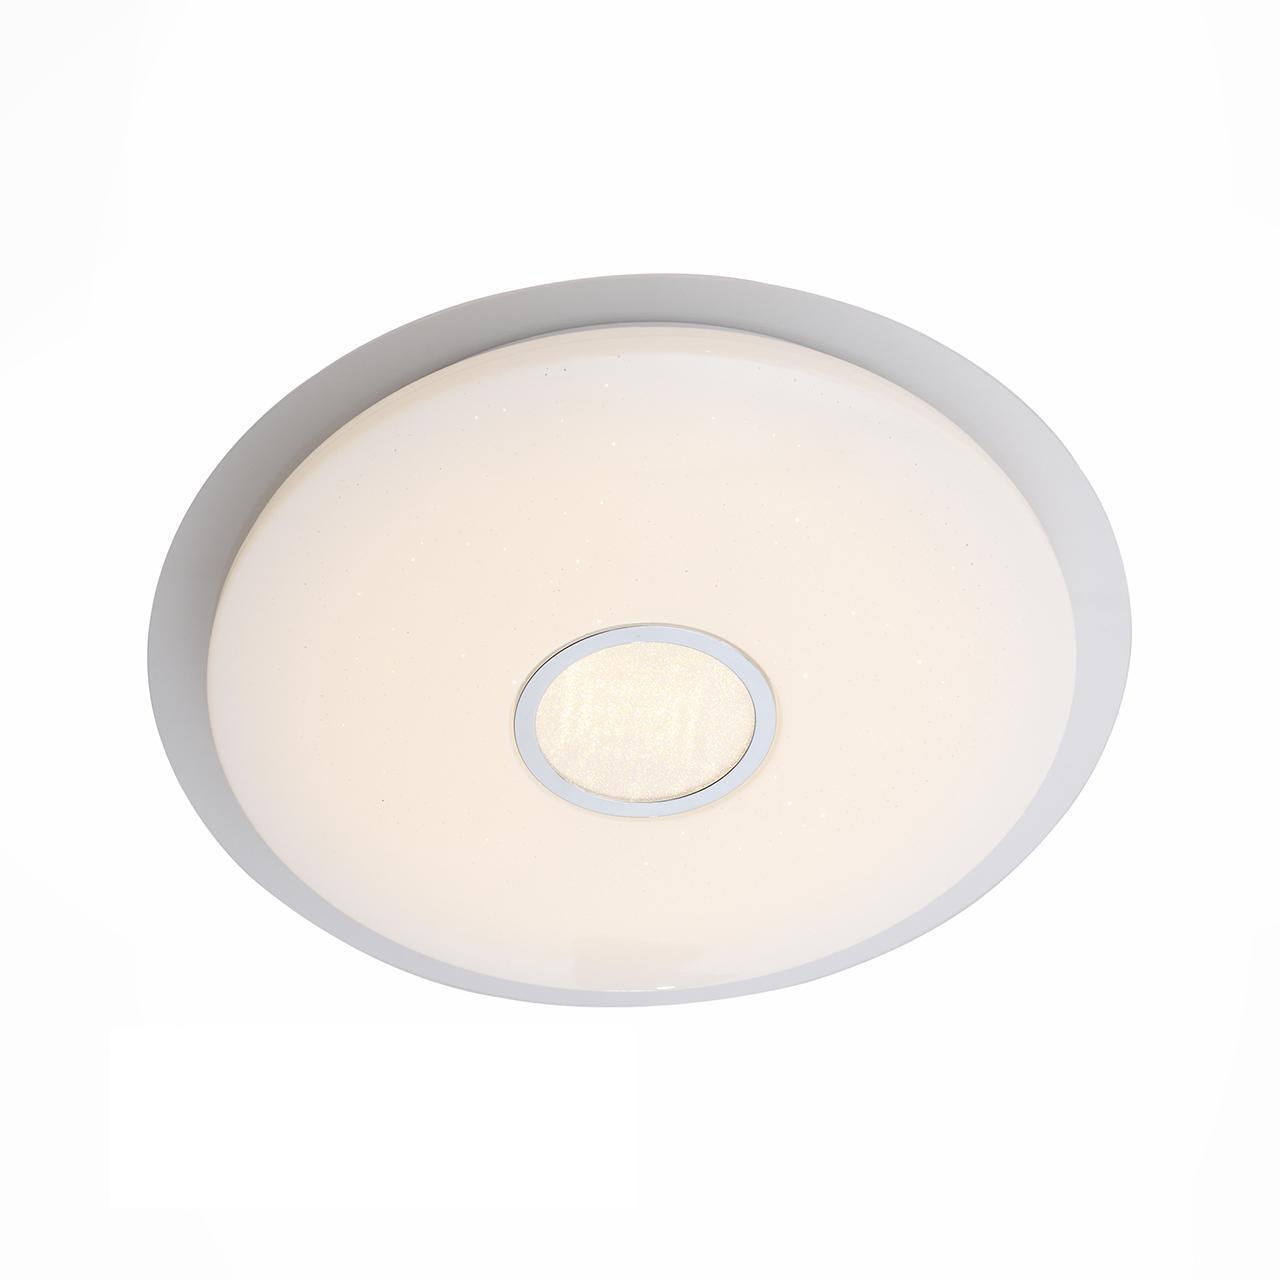 Настенно-потолочный светодиодный светильник ST Luce Funzionale SLE350.102.01